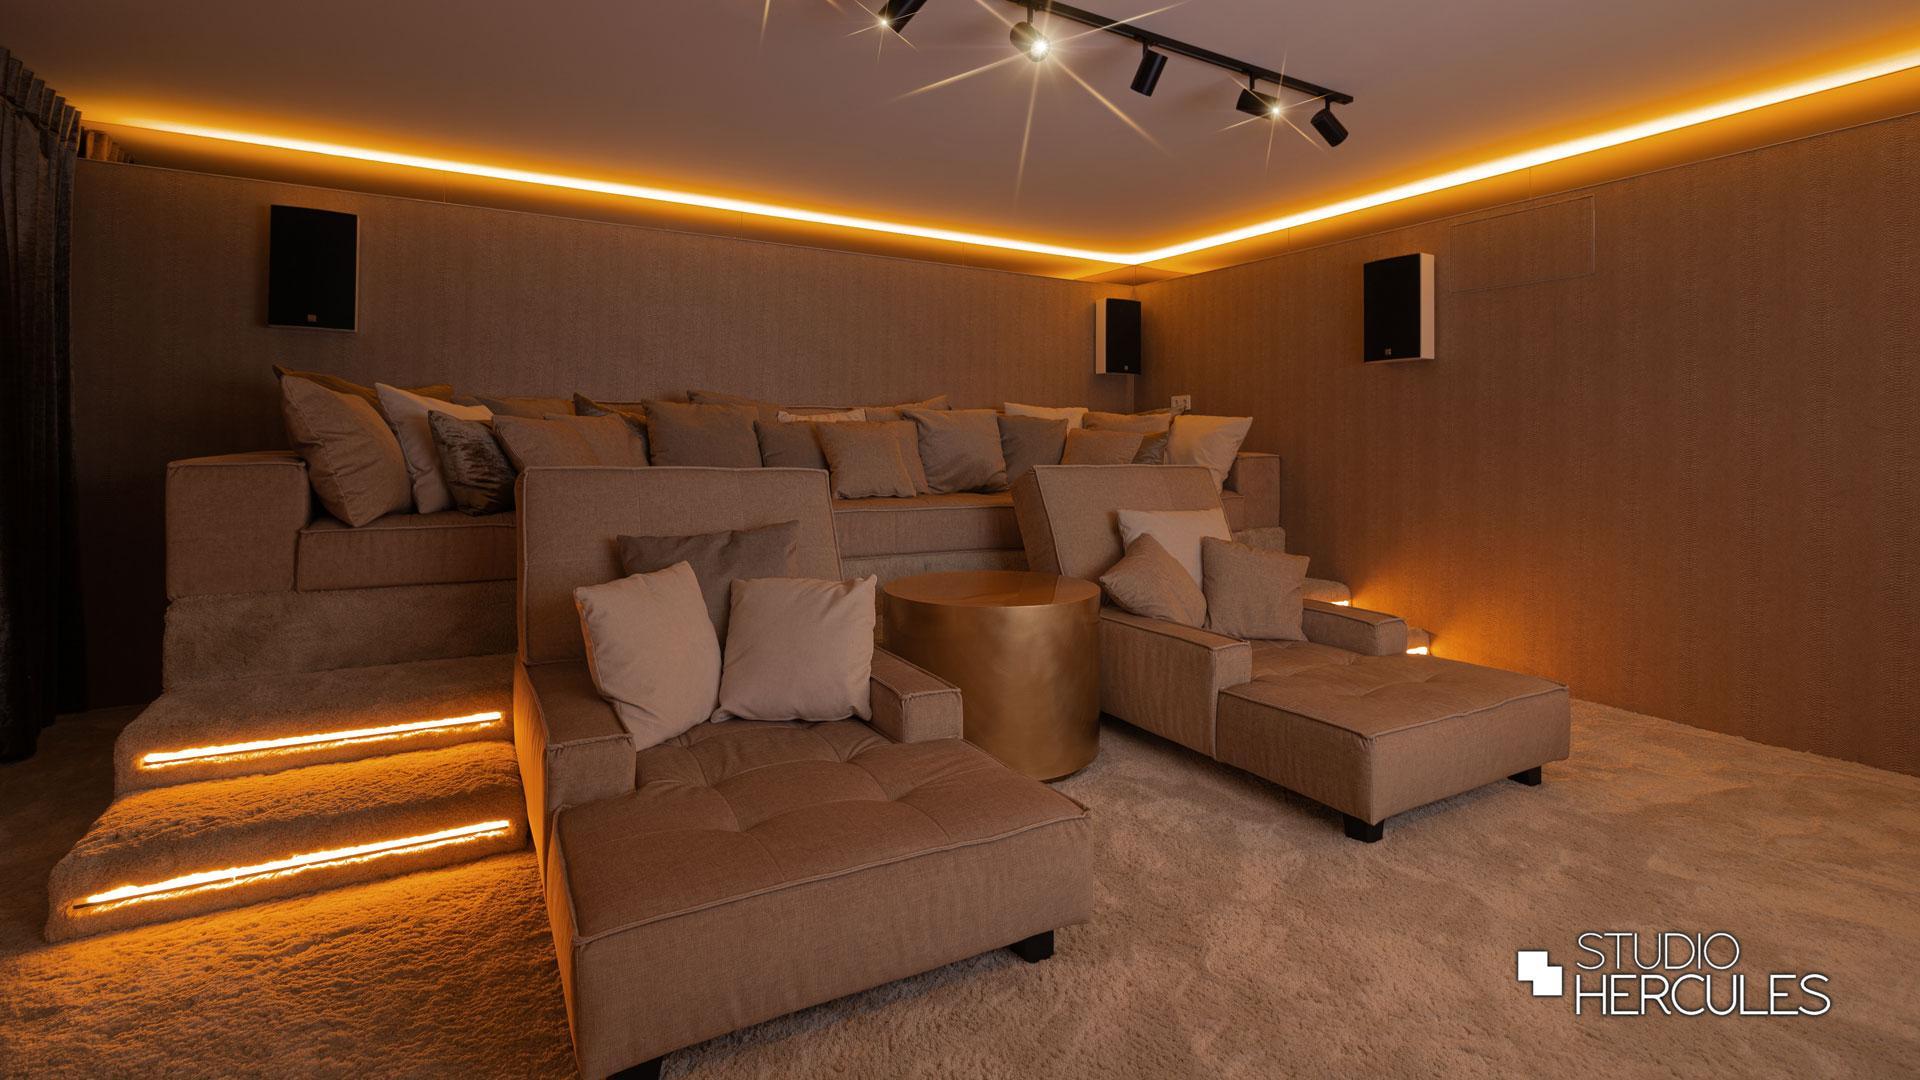 StudioHercules_home_cinema_amsterdam_01